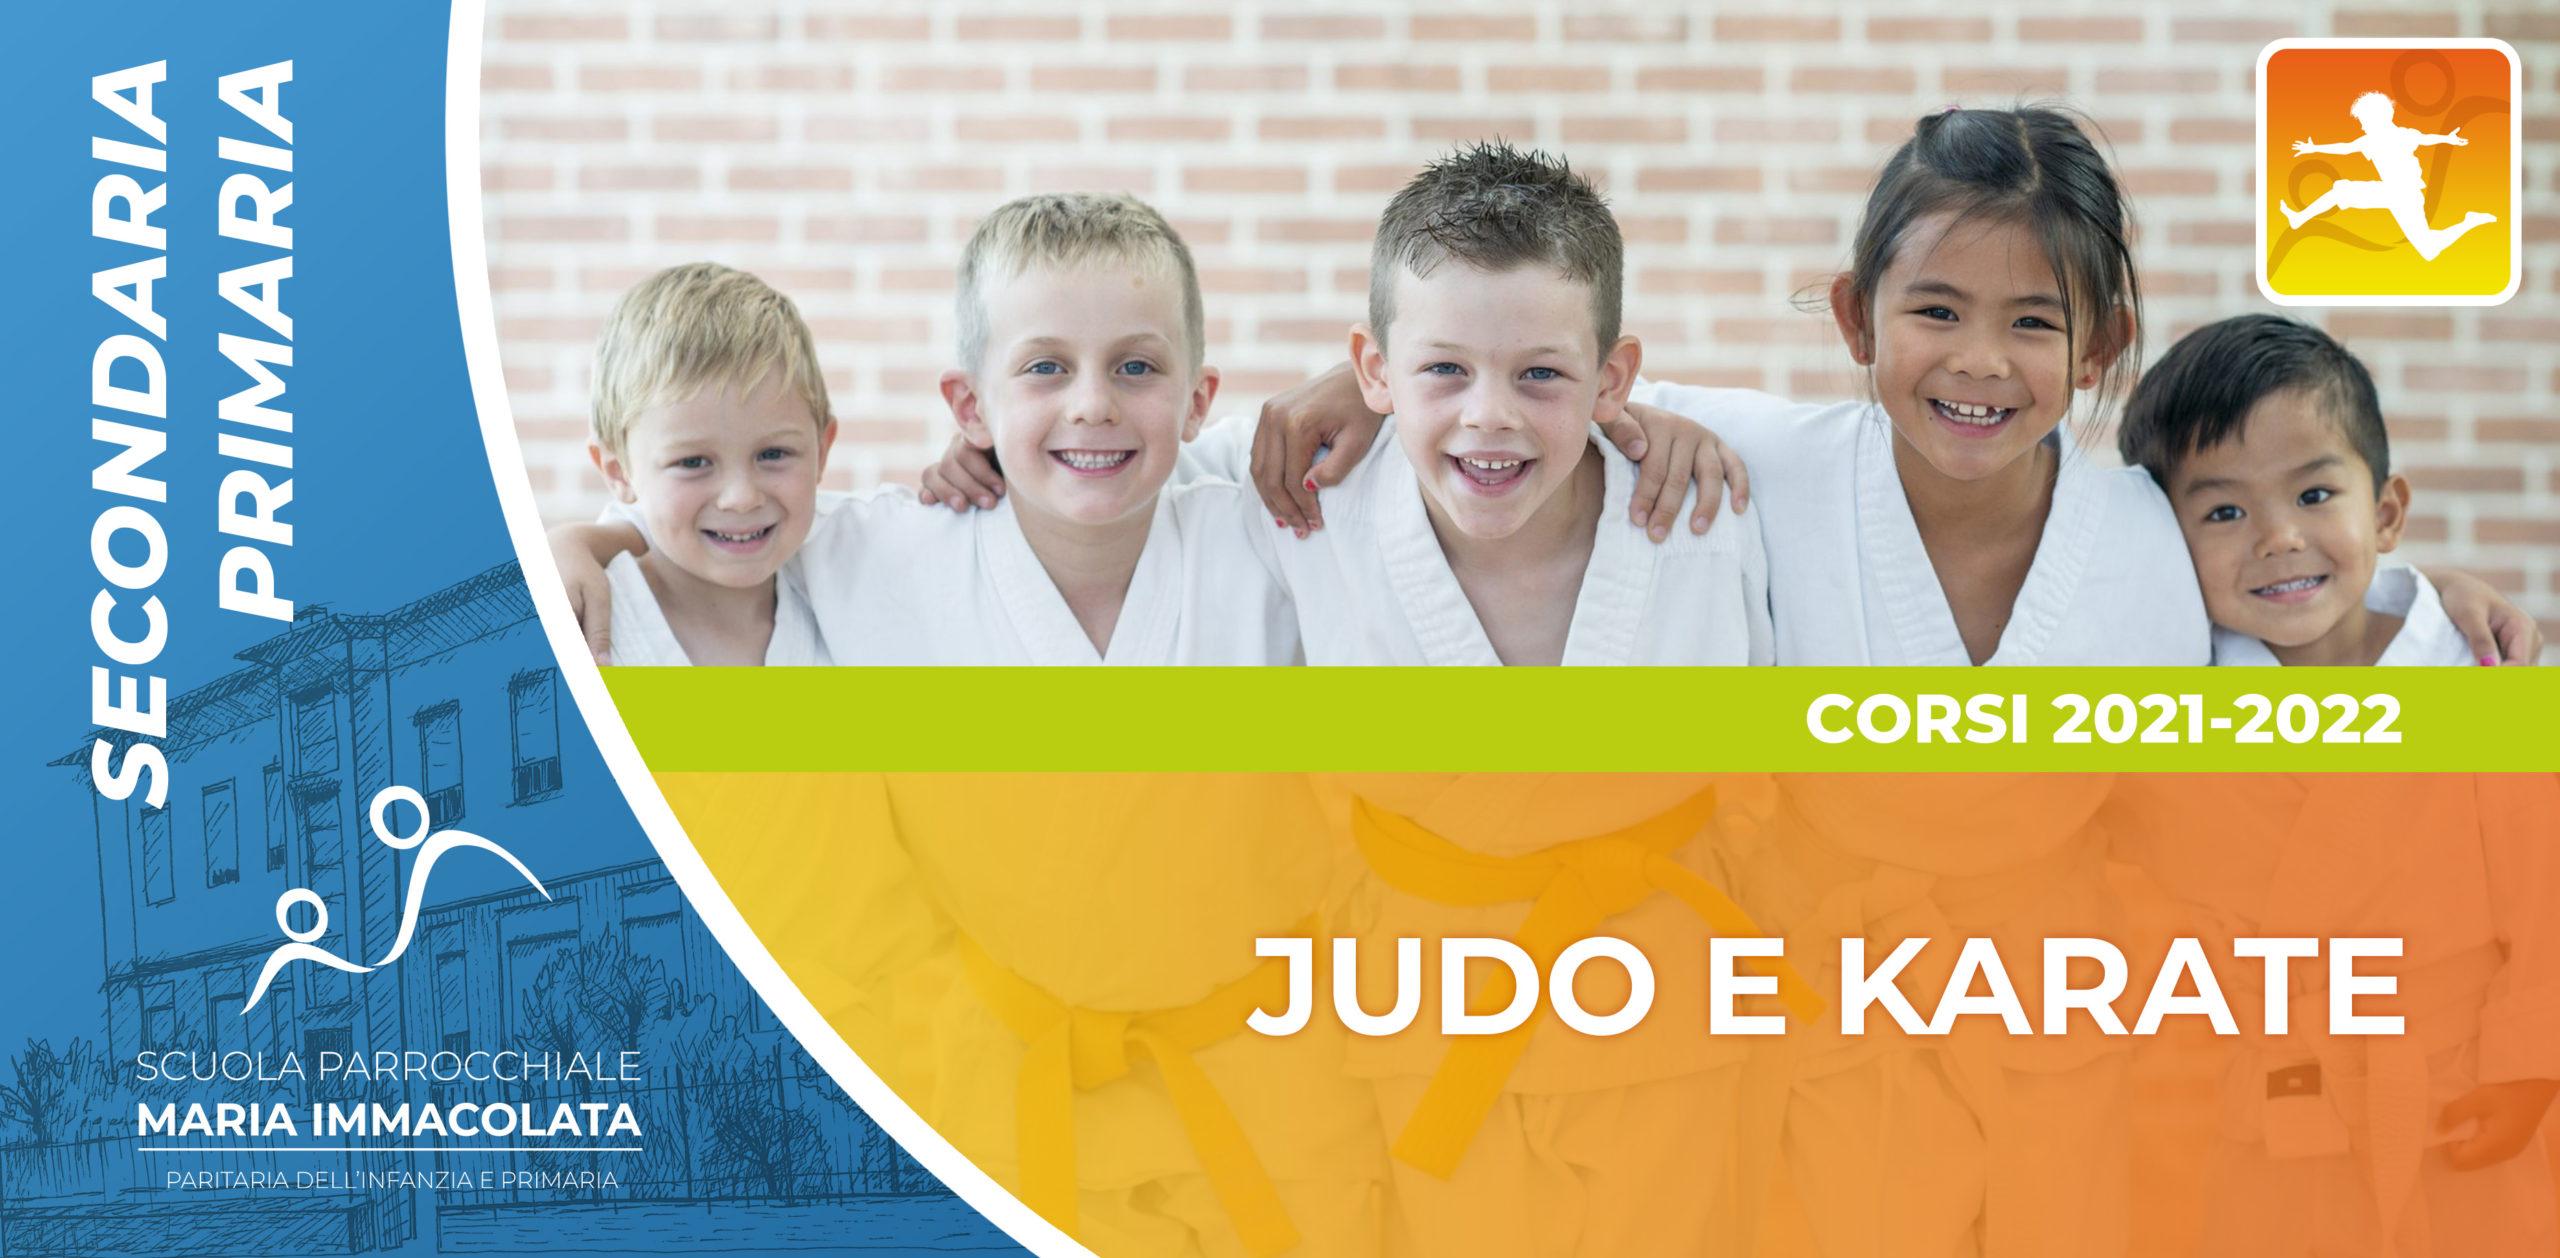 Corso di Judo e Karate